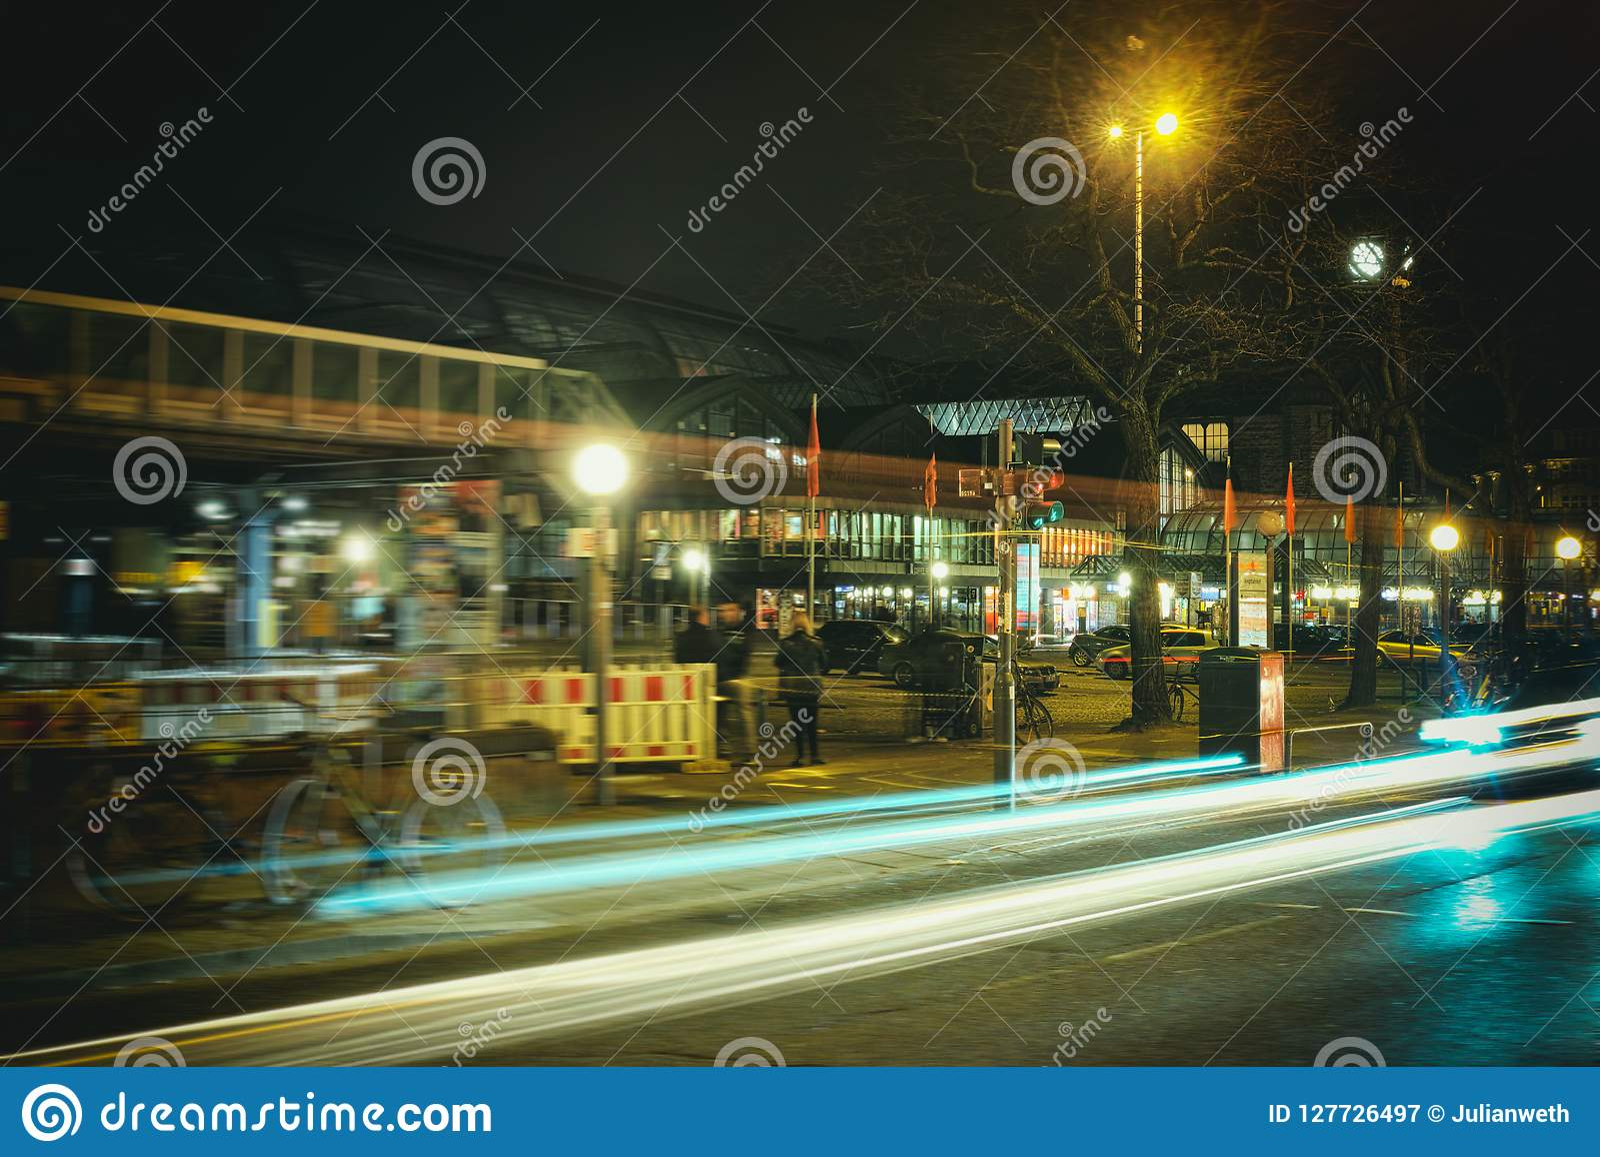 Hamburg, hafencity, czasu ujawnienie, żarówka, laser, architektura, czasu ujawnienie, samochody, laser